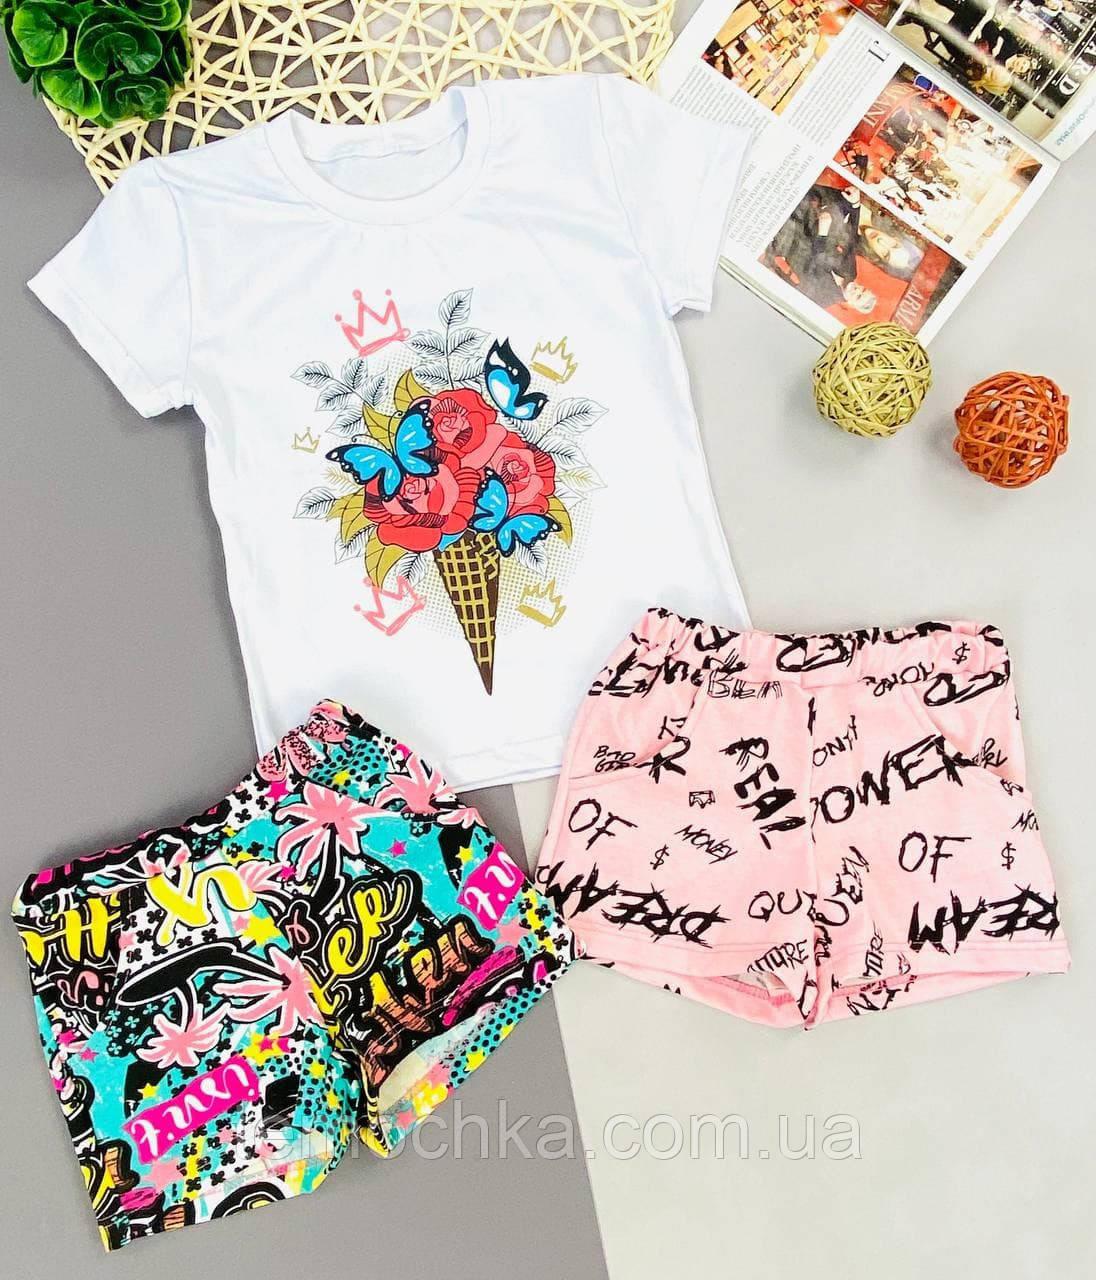 Комплект набір літній футболка й шорти для дівчинки